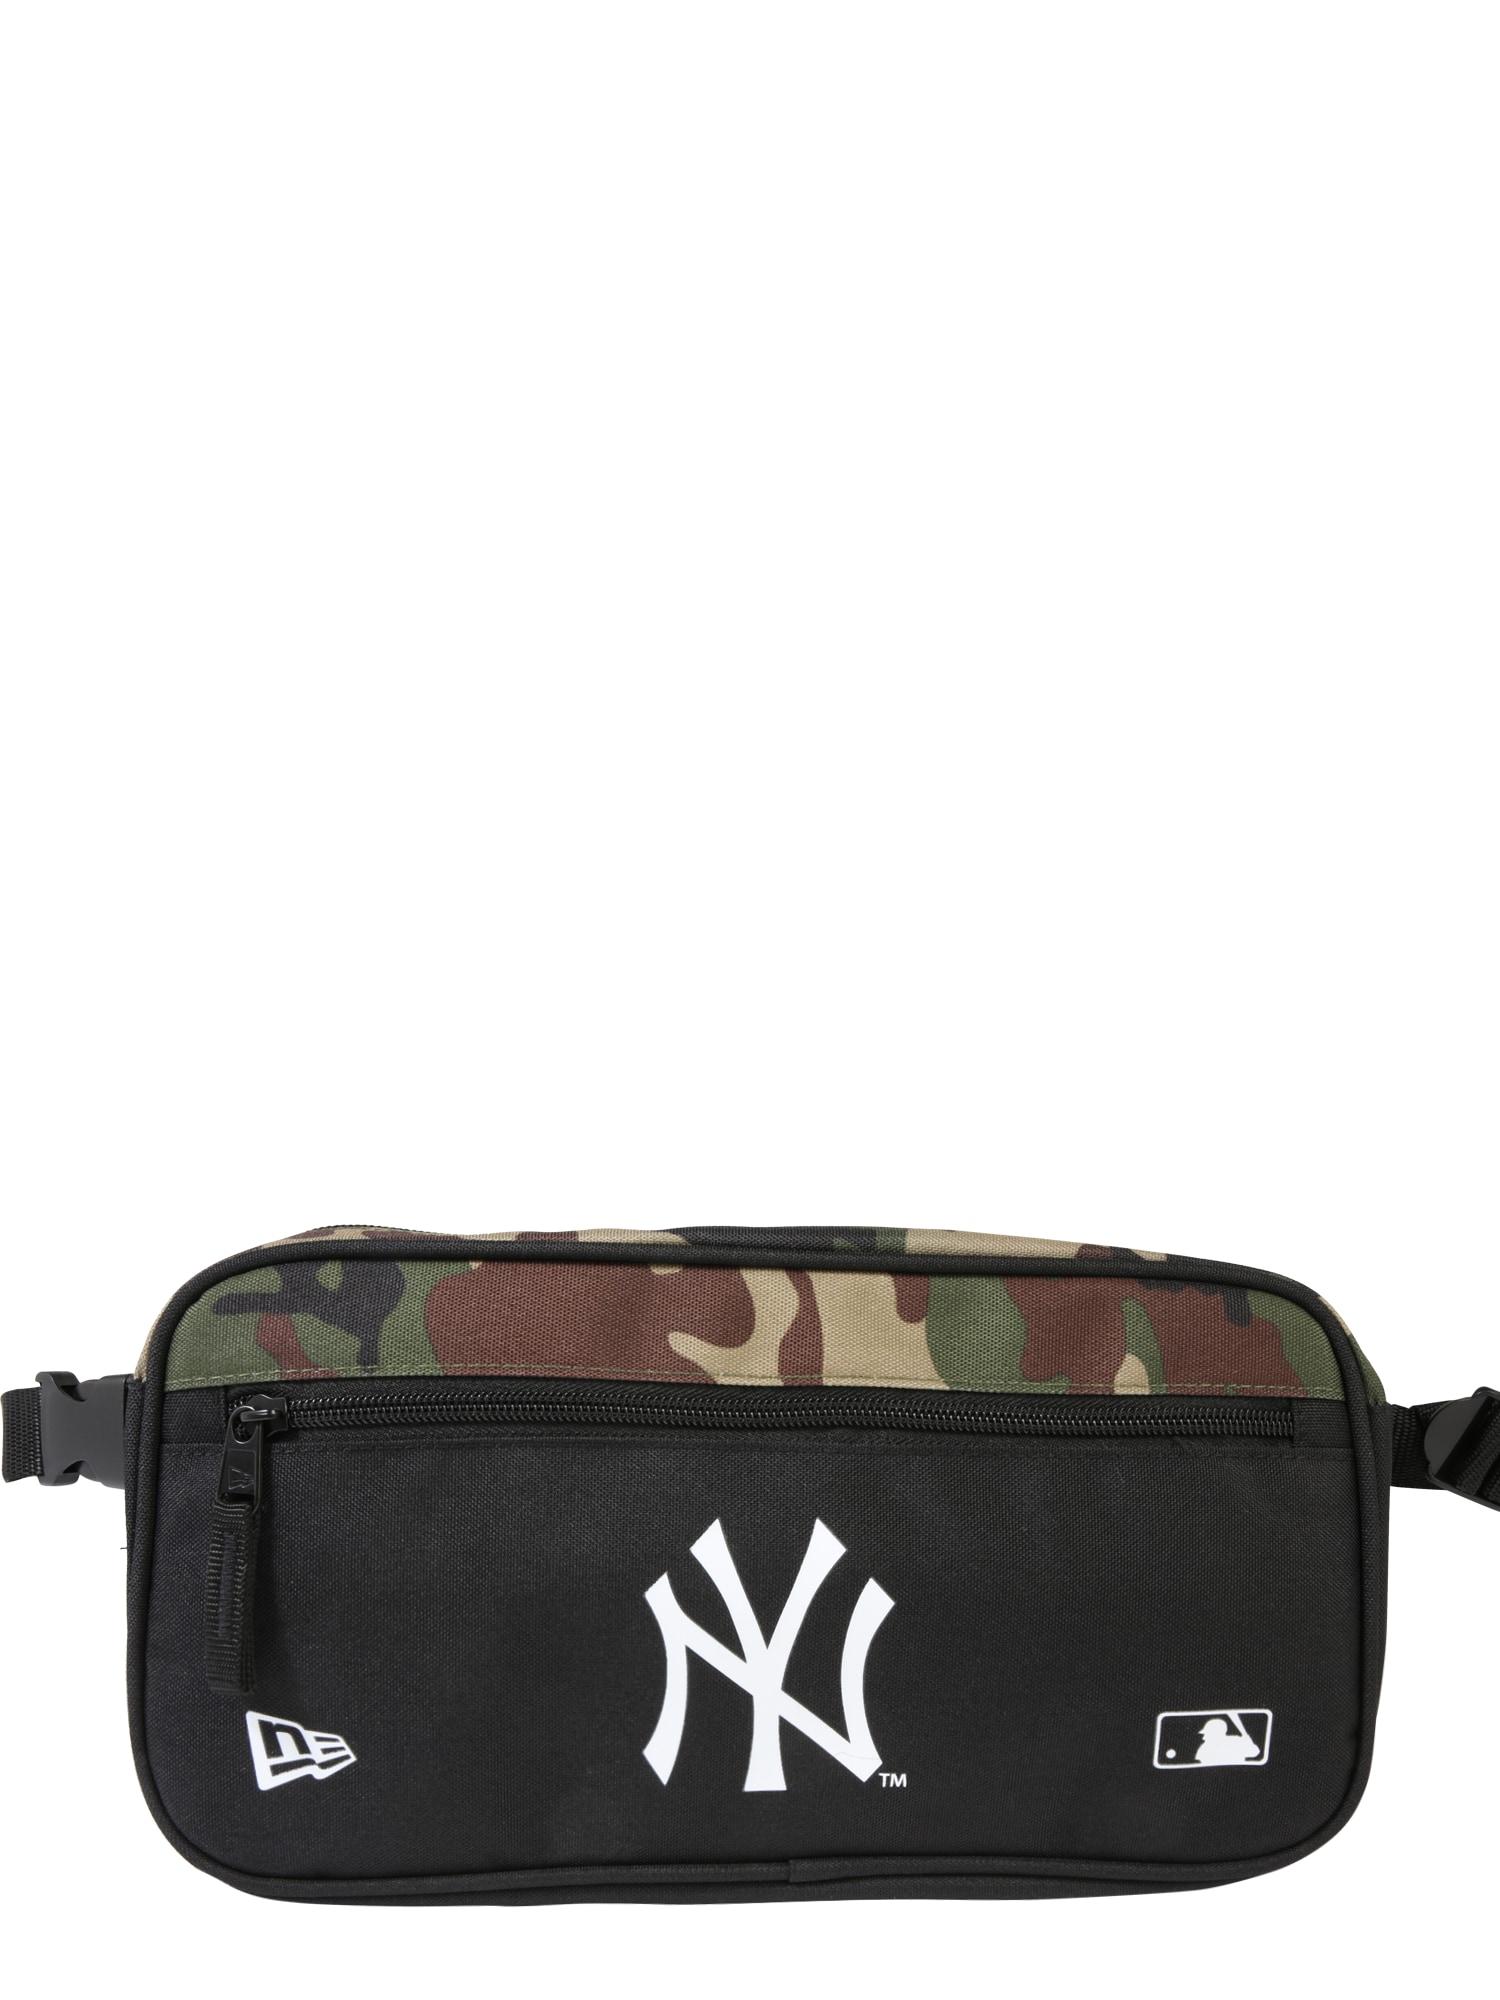 Ledvinka MLB BODY BAG černá NEW ERA